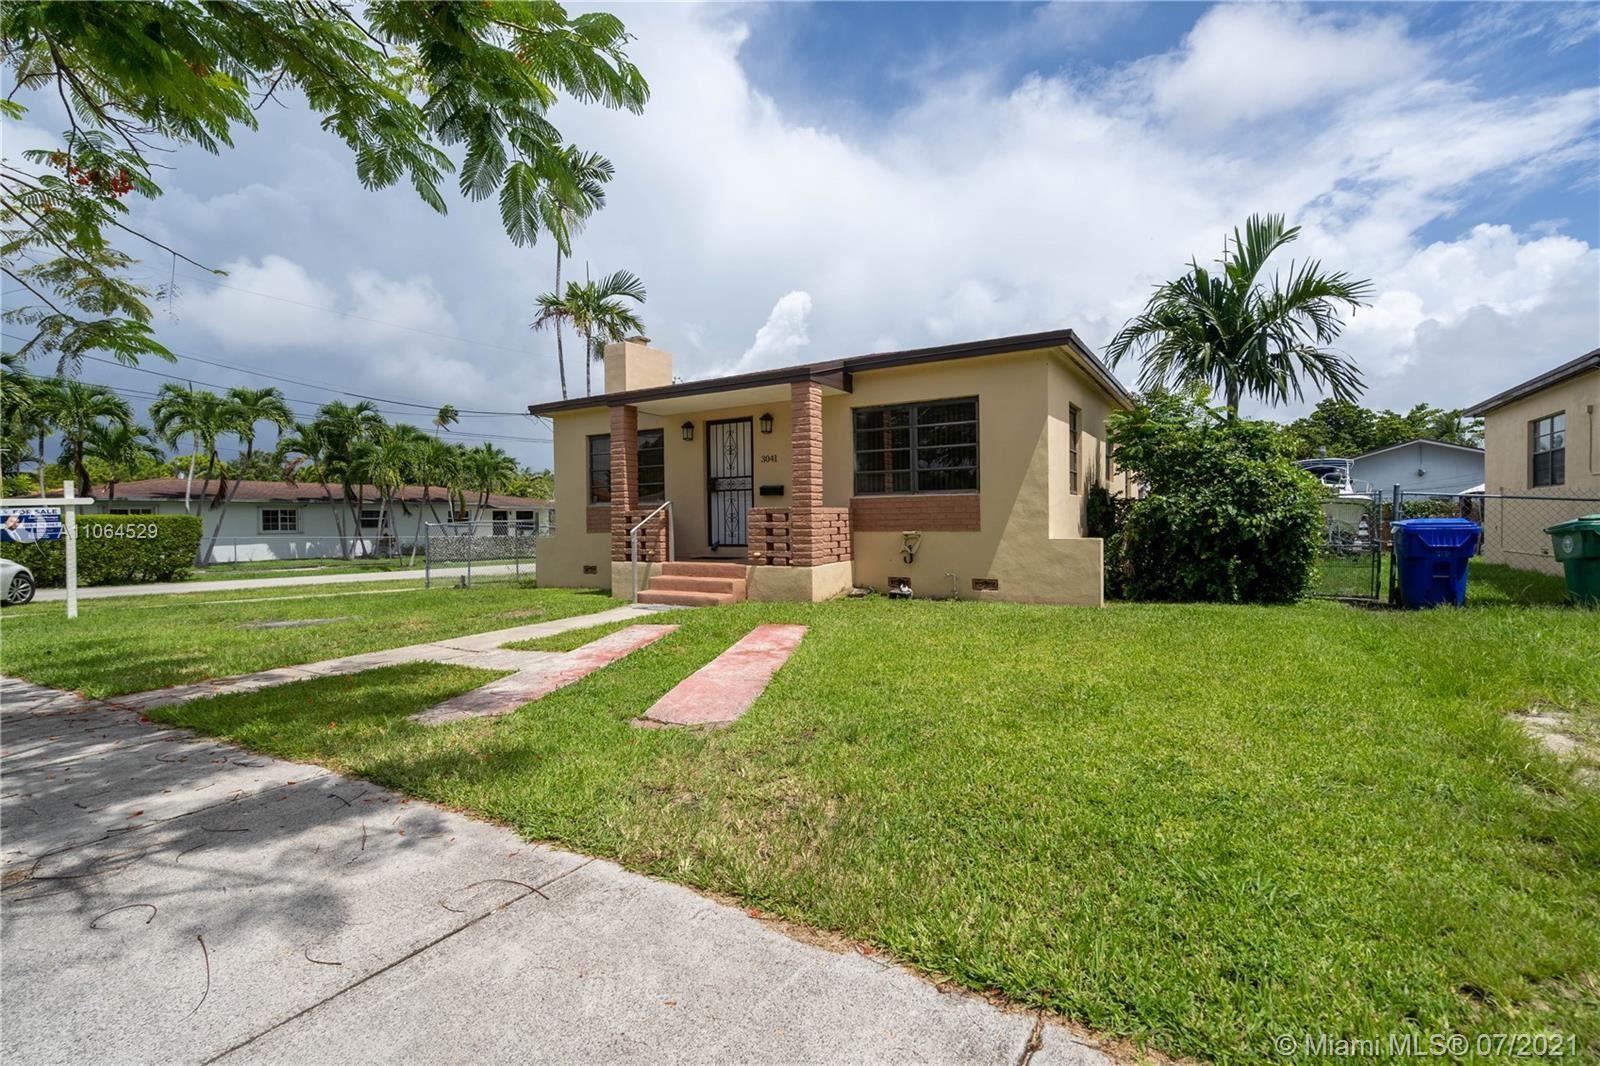 3041 SW 27th St, Miami, FL 33133 - #: A11064529